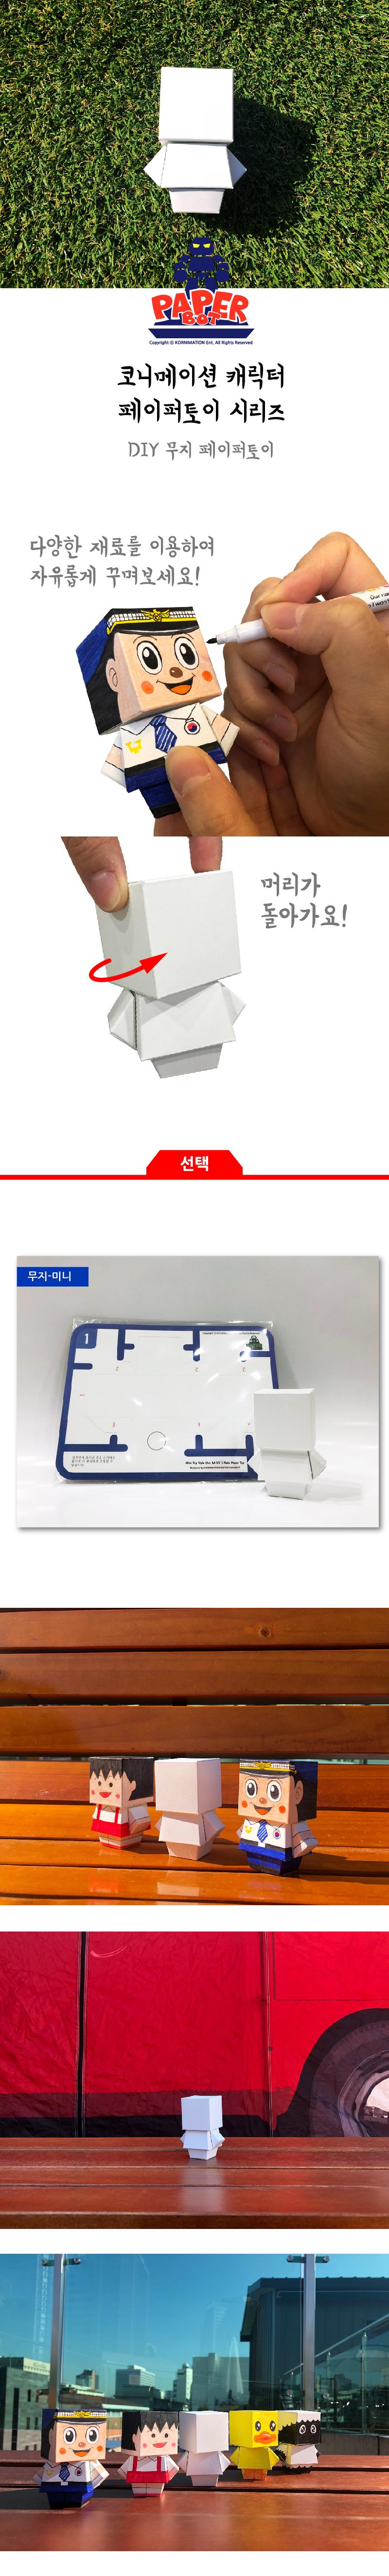 미니스타일 페이퍼토이 - 무지 - 페이퍼봇, 2,000원, 페이퍼 토이, 캐릭터